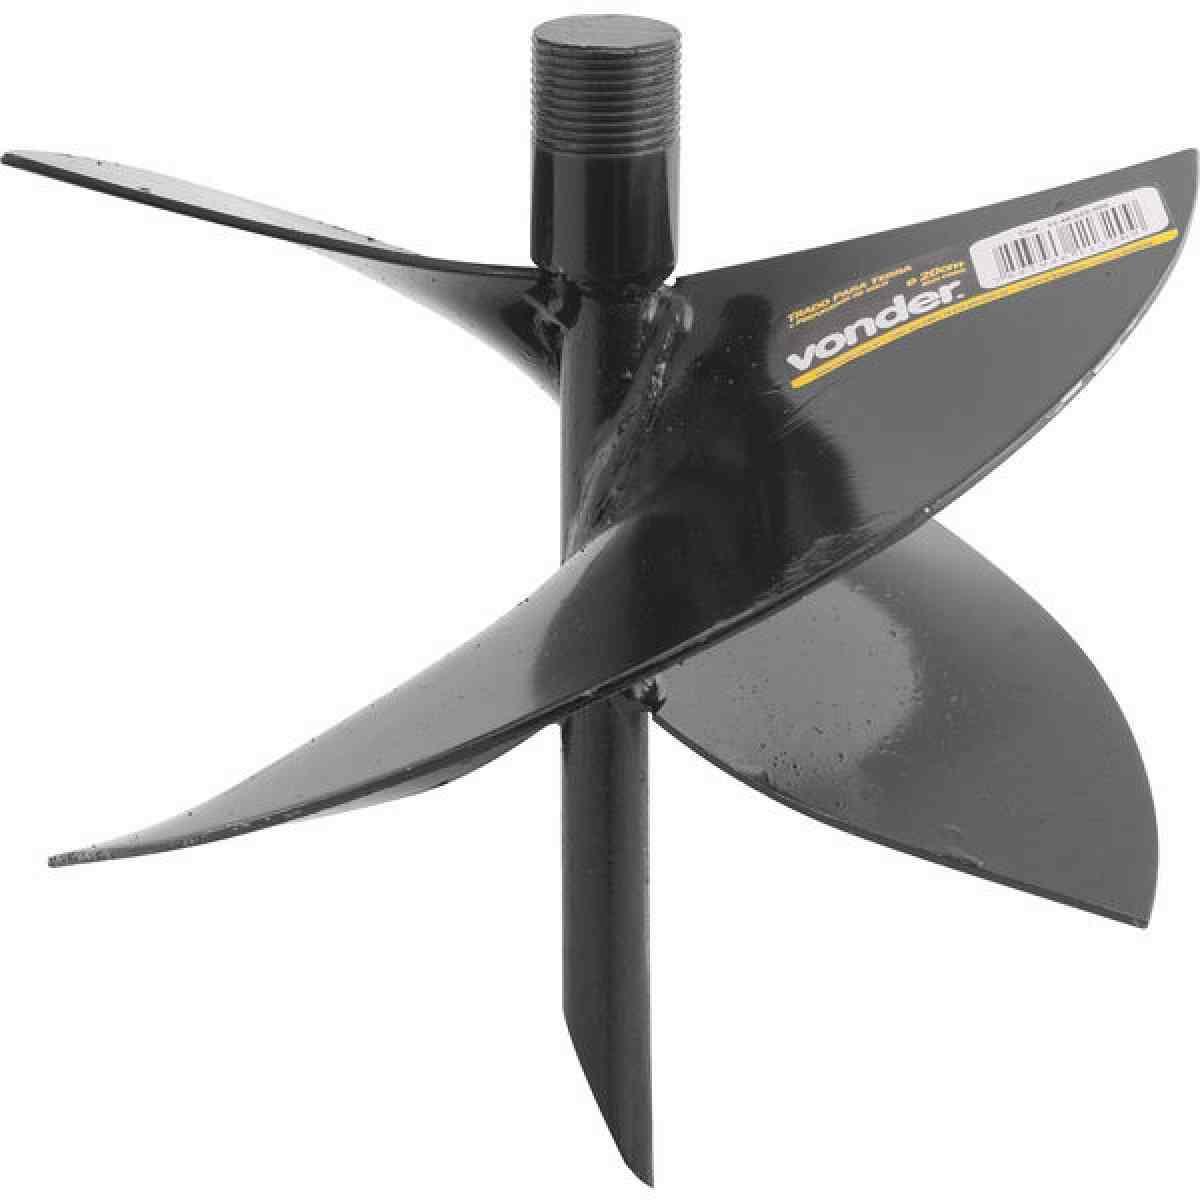 Trado/perfurador para terra 20 cm, sem cabo, VONDER